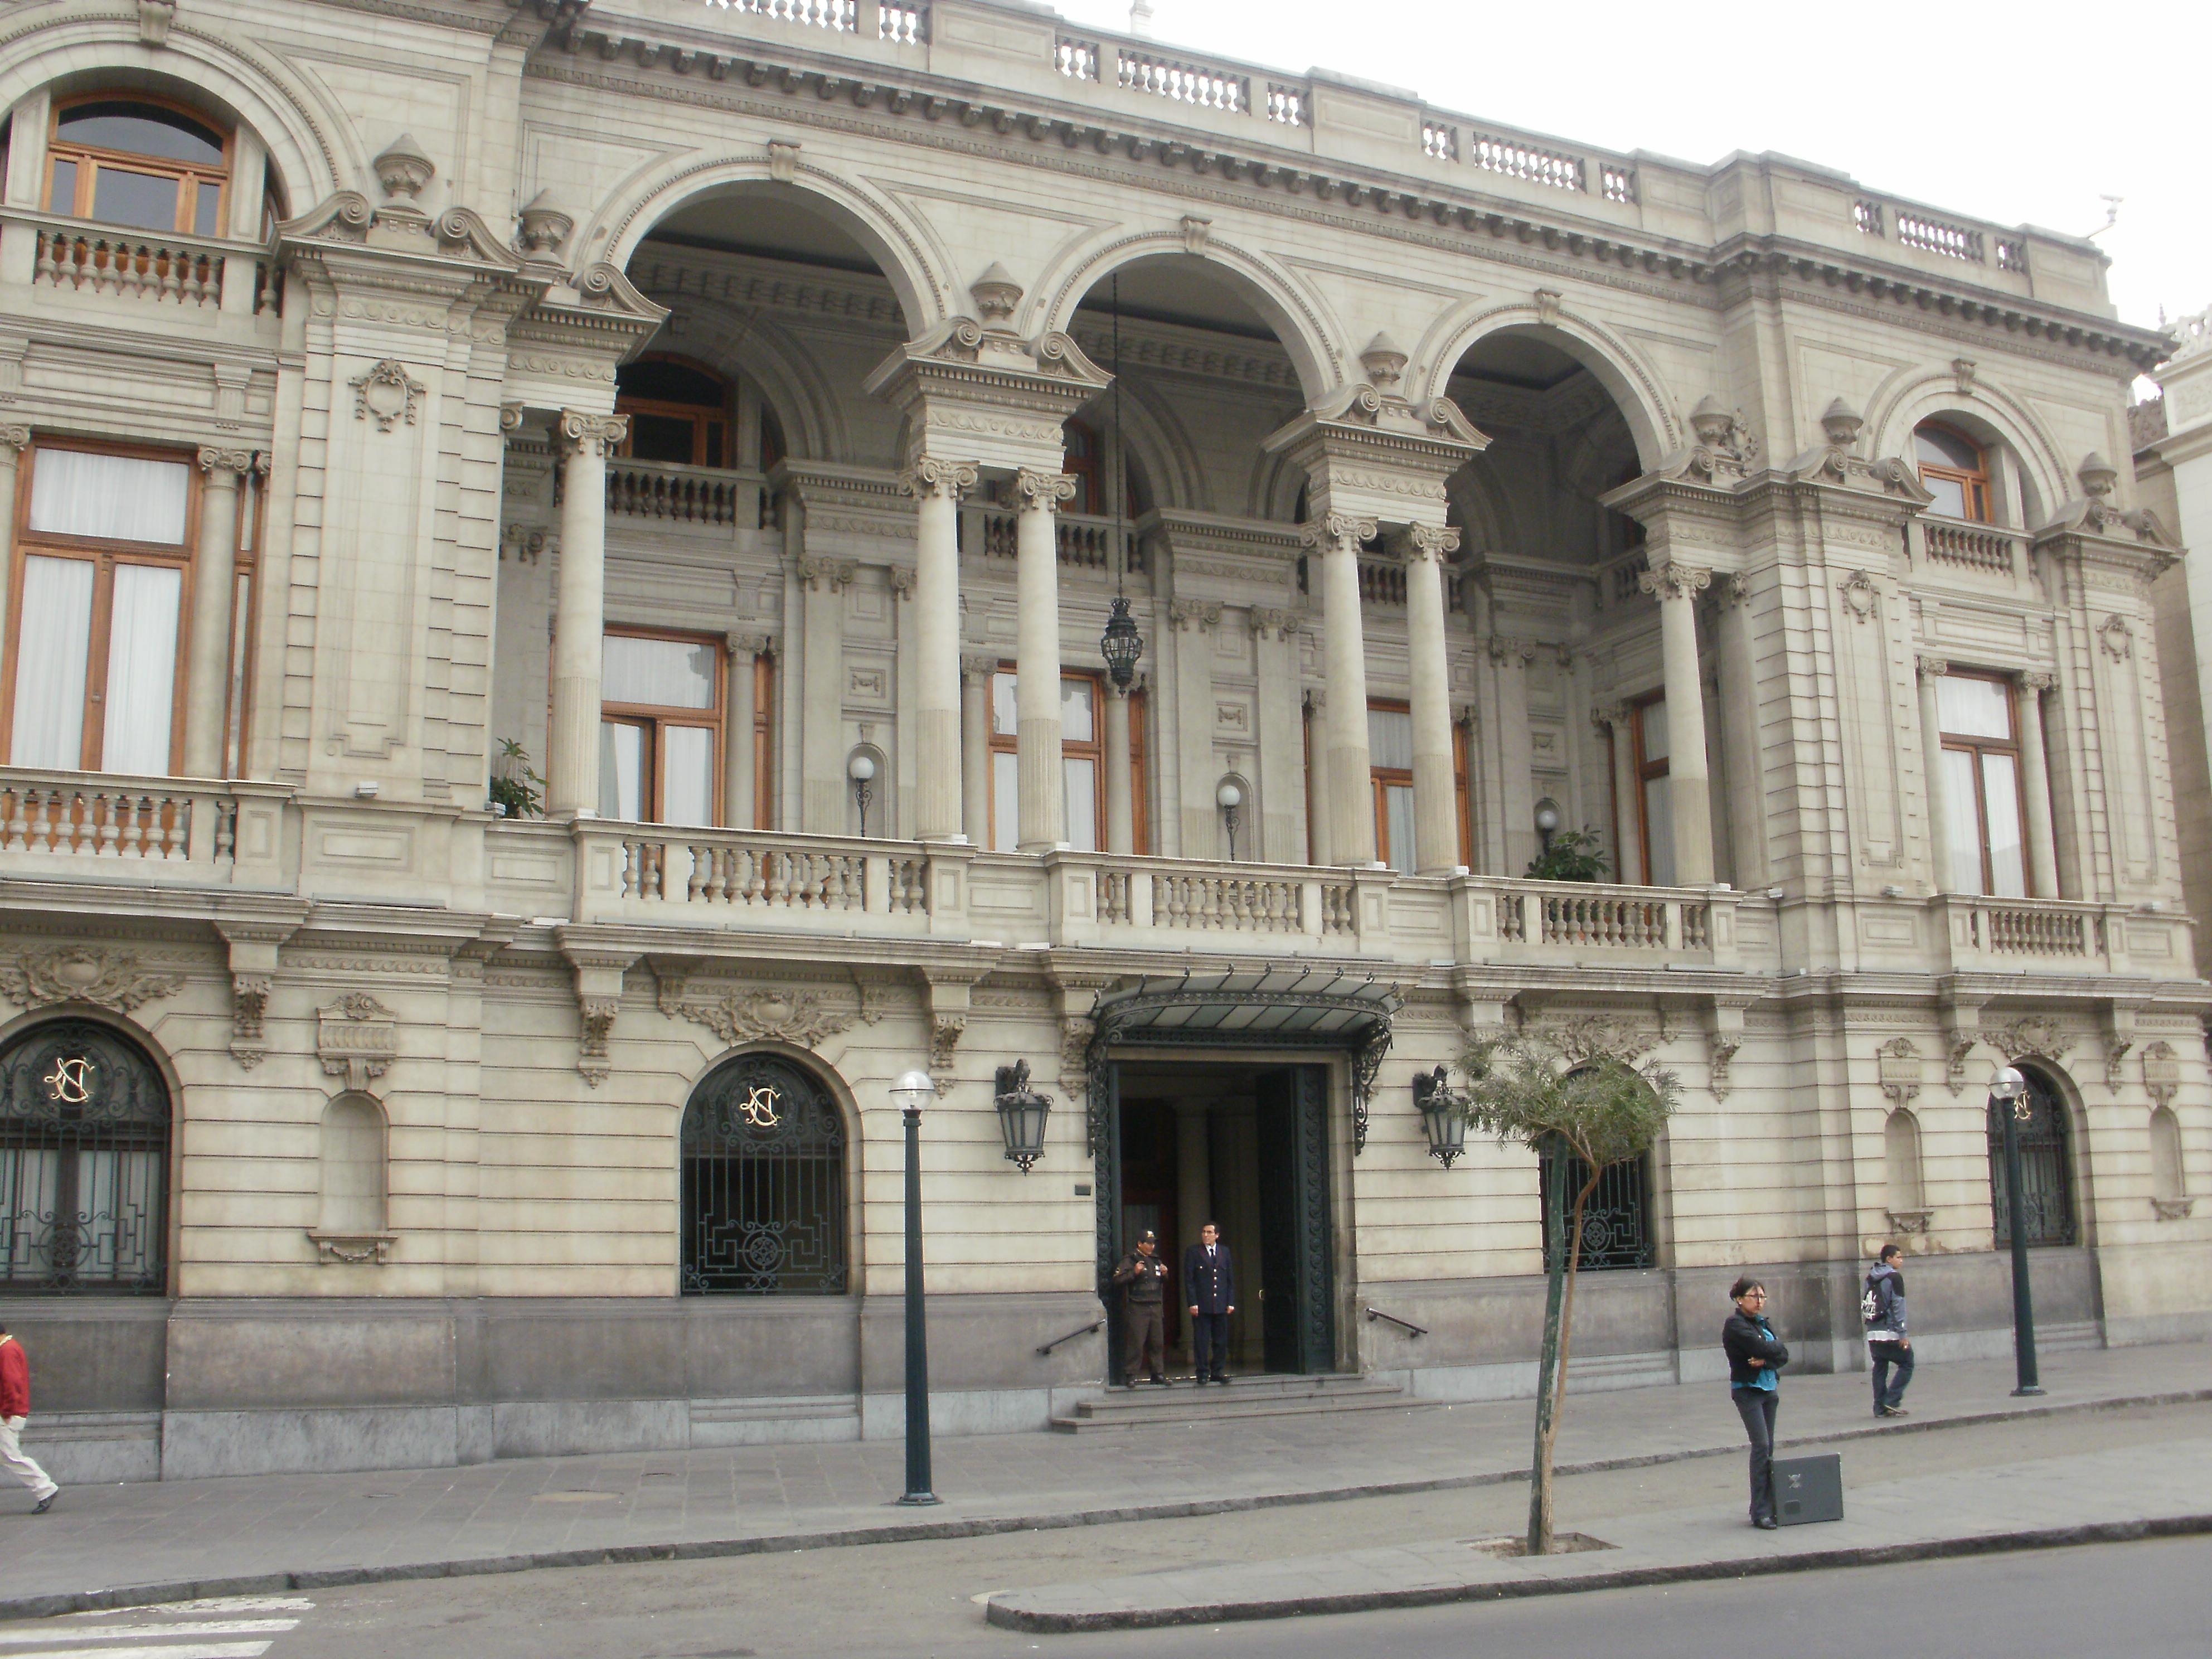 Plaza San Martín: Club Nacional